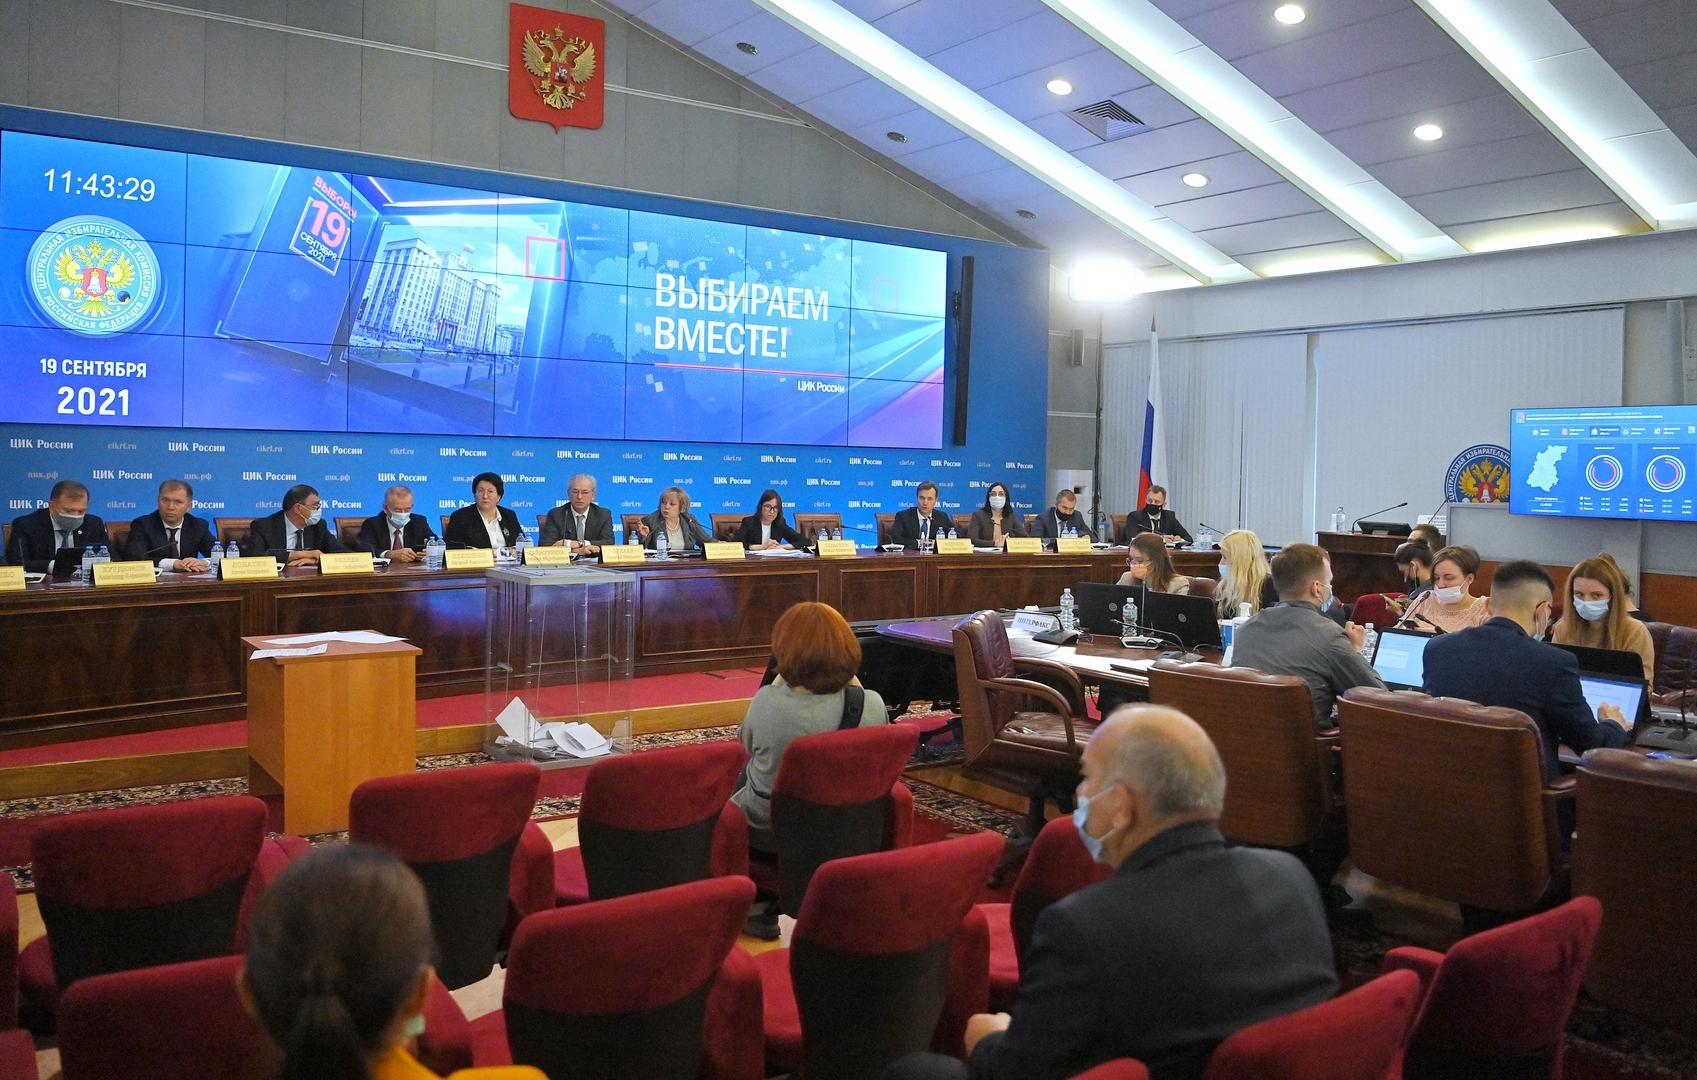 جلسة للجنة المركزية للانتخابات في روسيا خلال انتخابات مجلس الدوما.